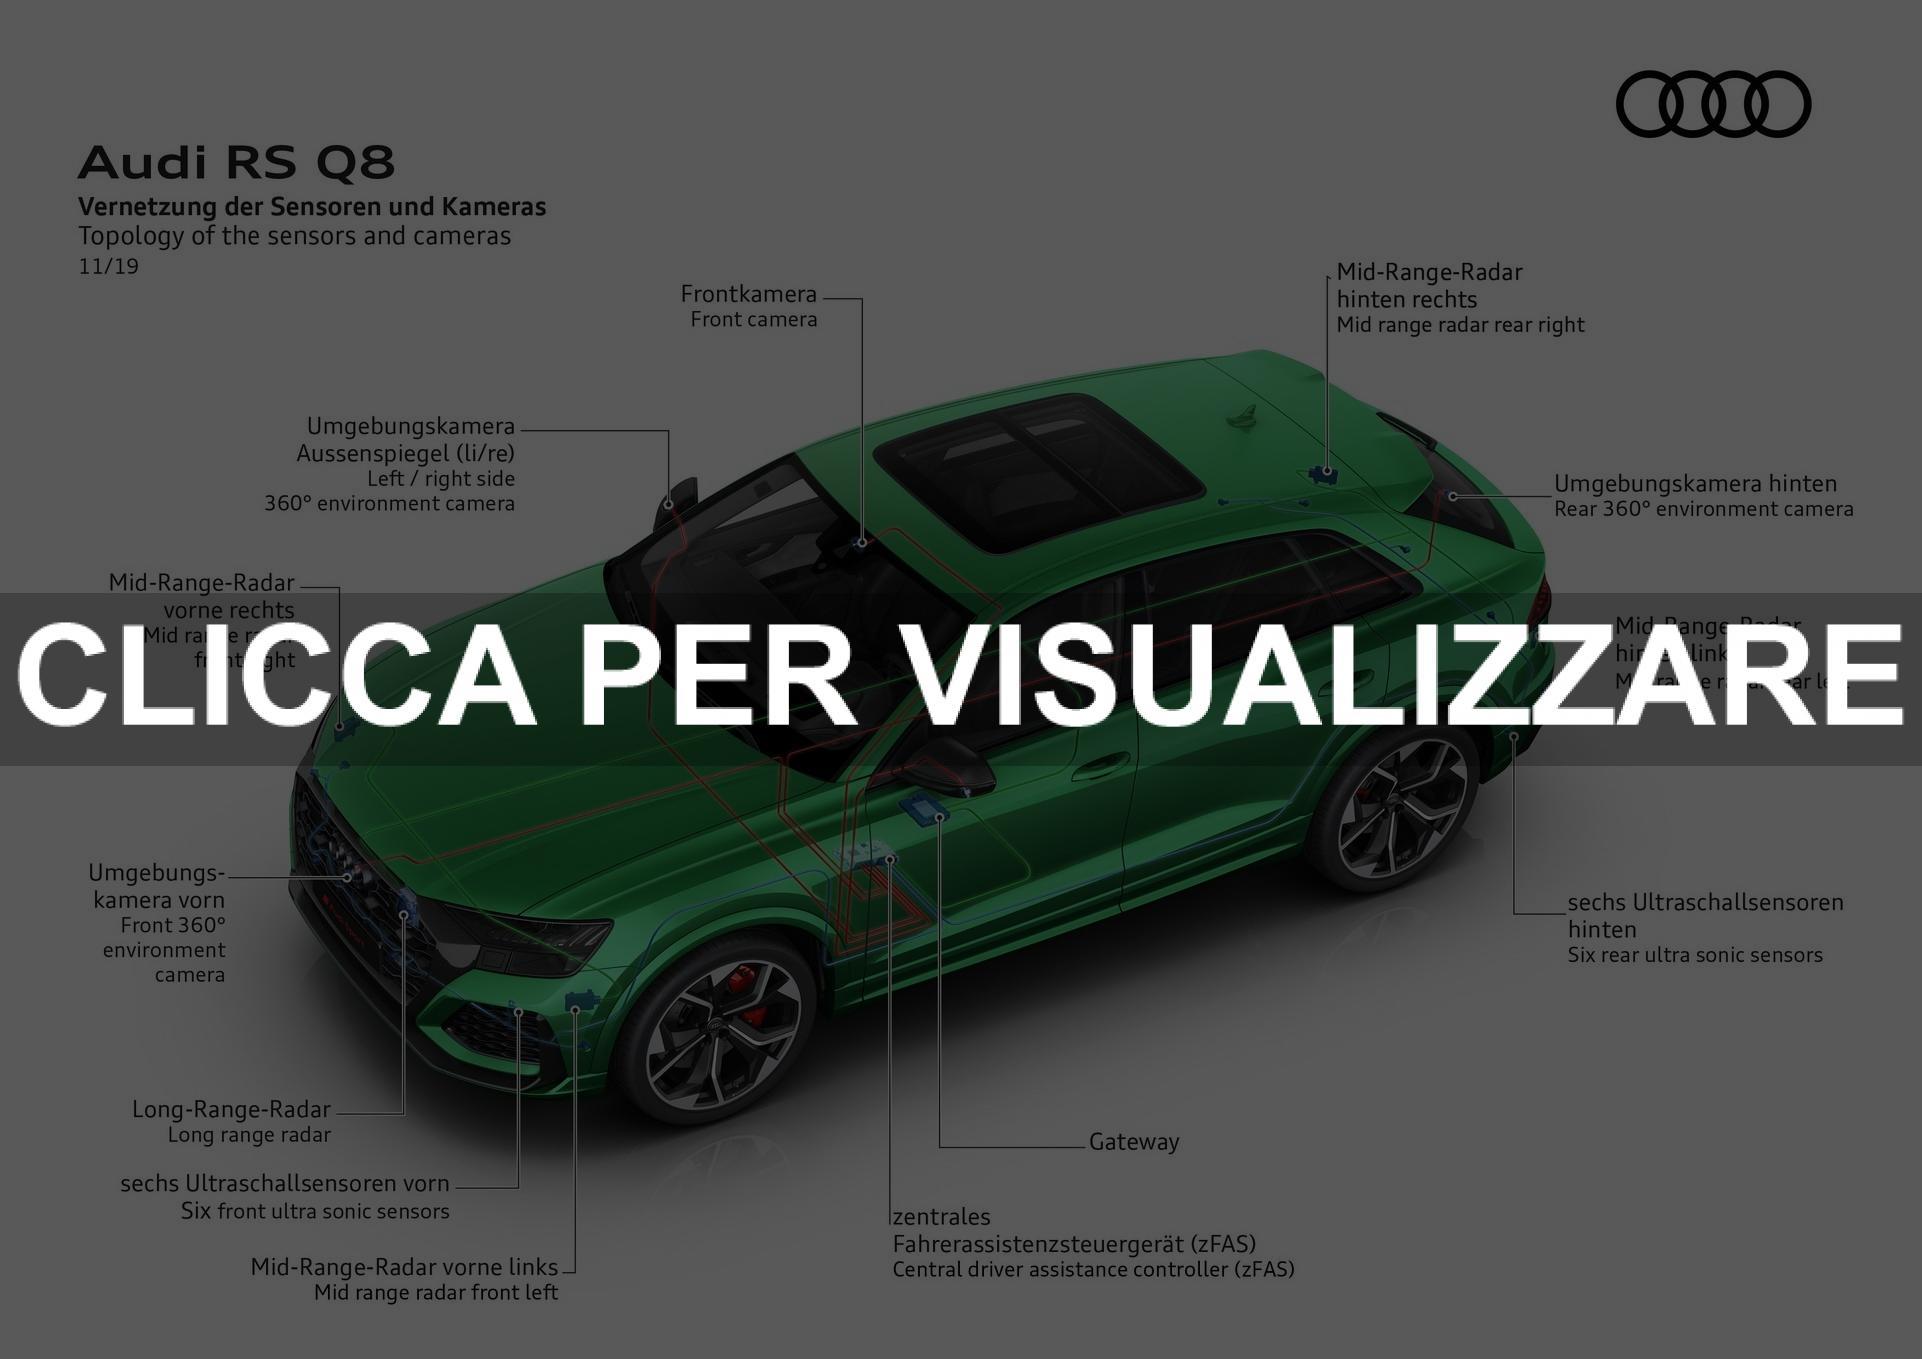 Sensori e videocamere nuovo Audi RS Q8